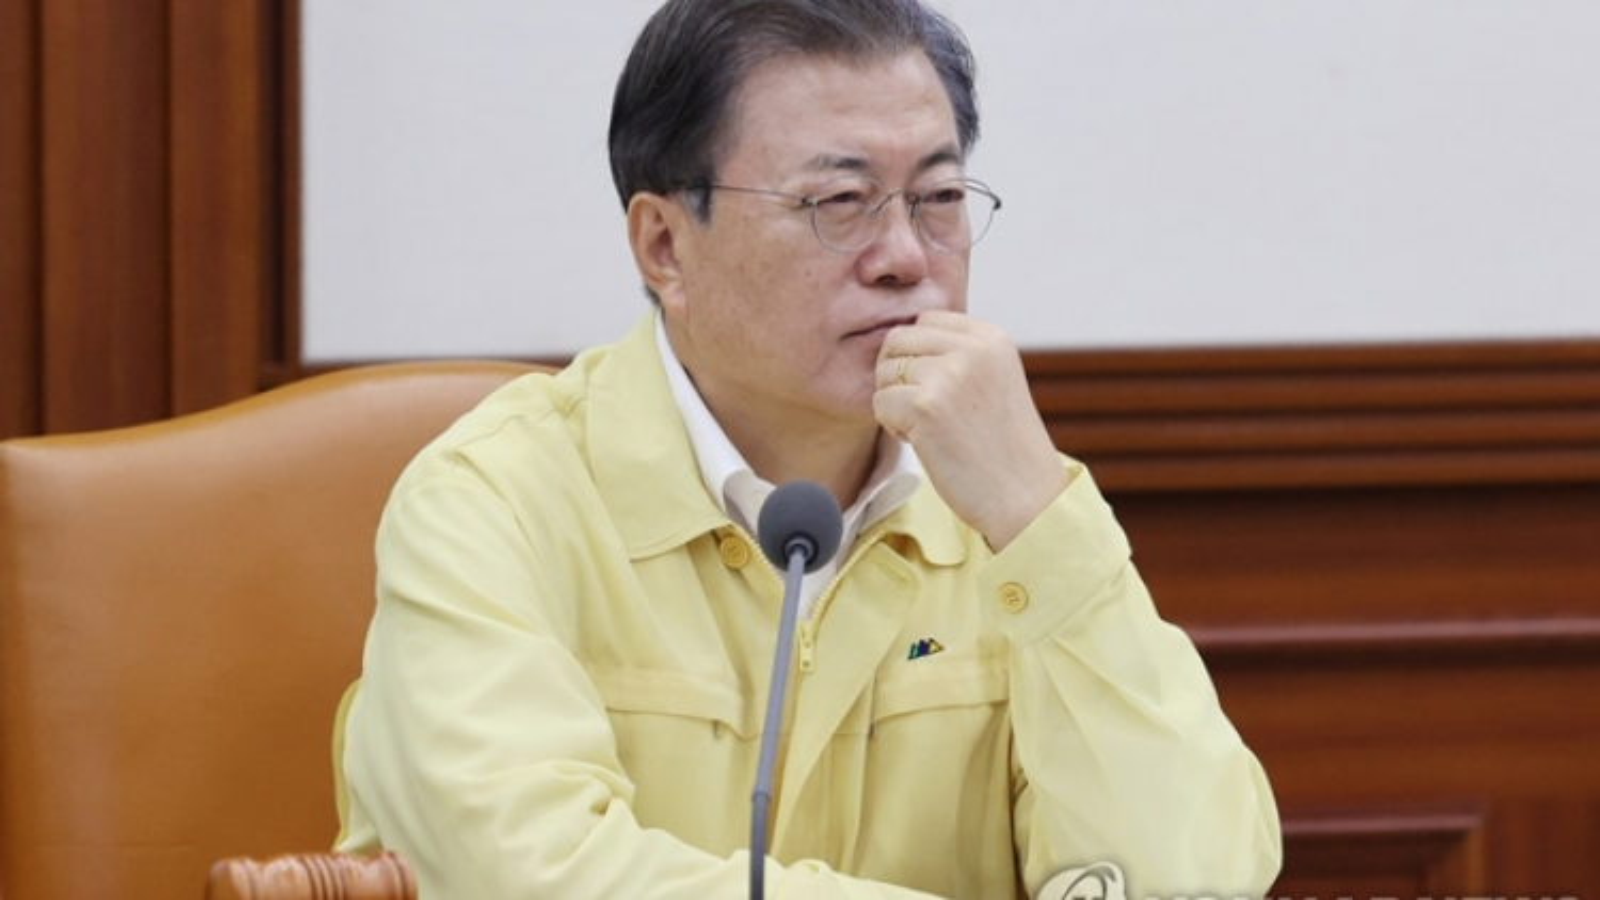 Hàn Quốc kỳ vọng tiến triển ngoại giao hạt nhân trên Bán đảo Triều Tiên